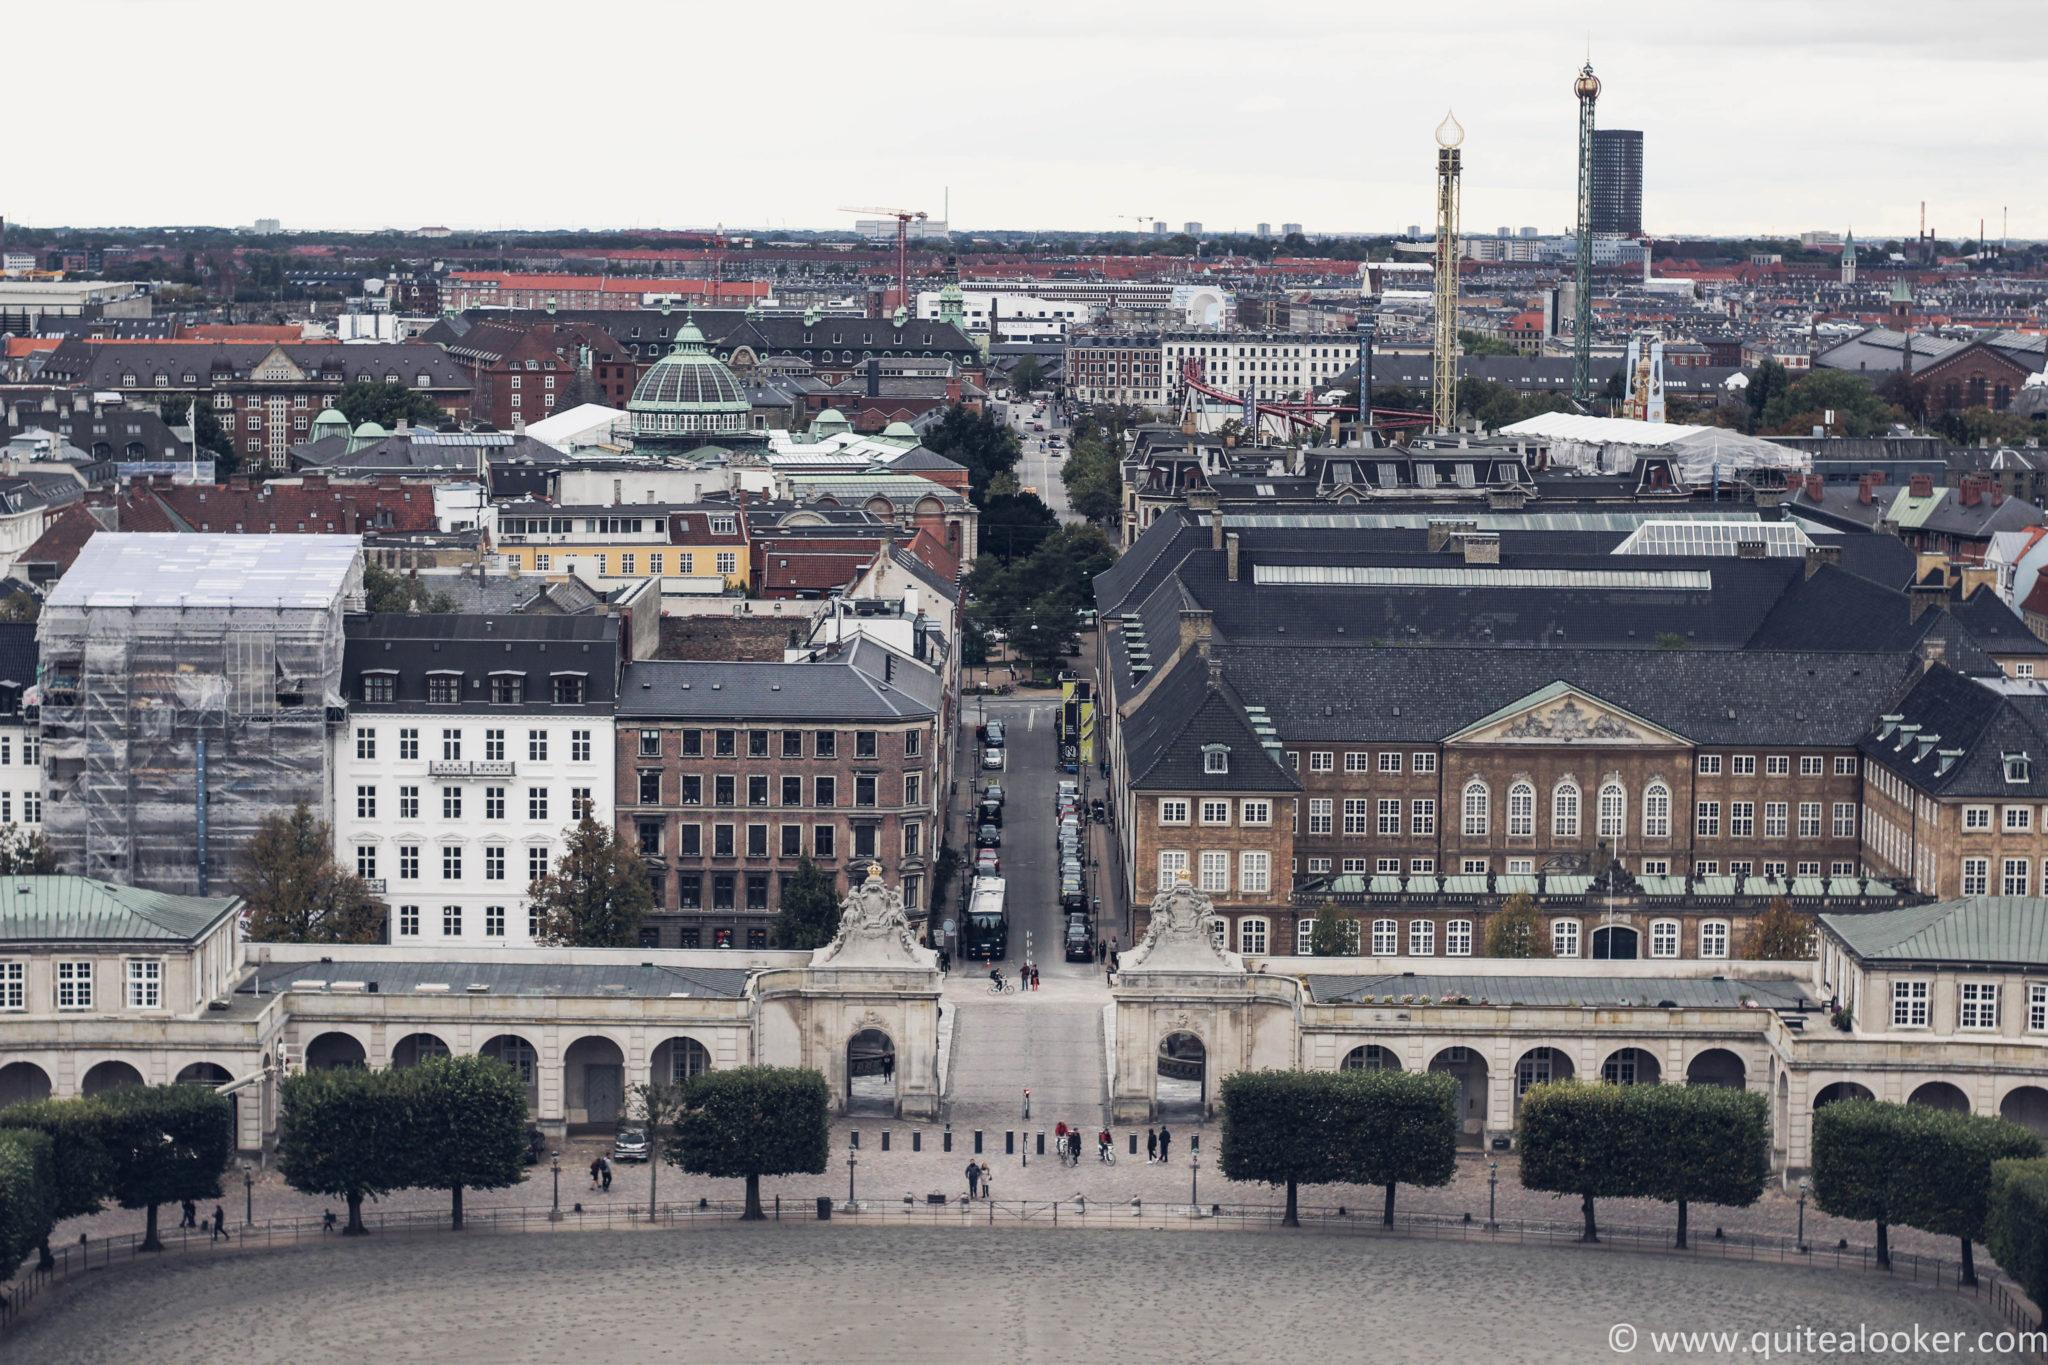 Пътеводител Копенхаген, Дания Какво да посетим в Copenhagen, забележителности в Дания, пътепис Копенхаген, българи в Дания, кула Тарнет, дворец Кристиансборг, кралска библиотека, статуя на малката русалка, Ханс Кристиян Андерсен, Копенхаген през есента